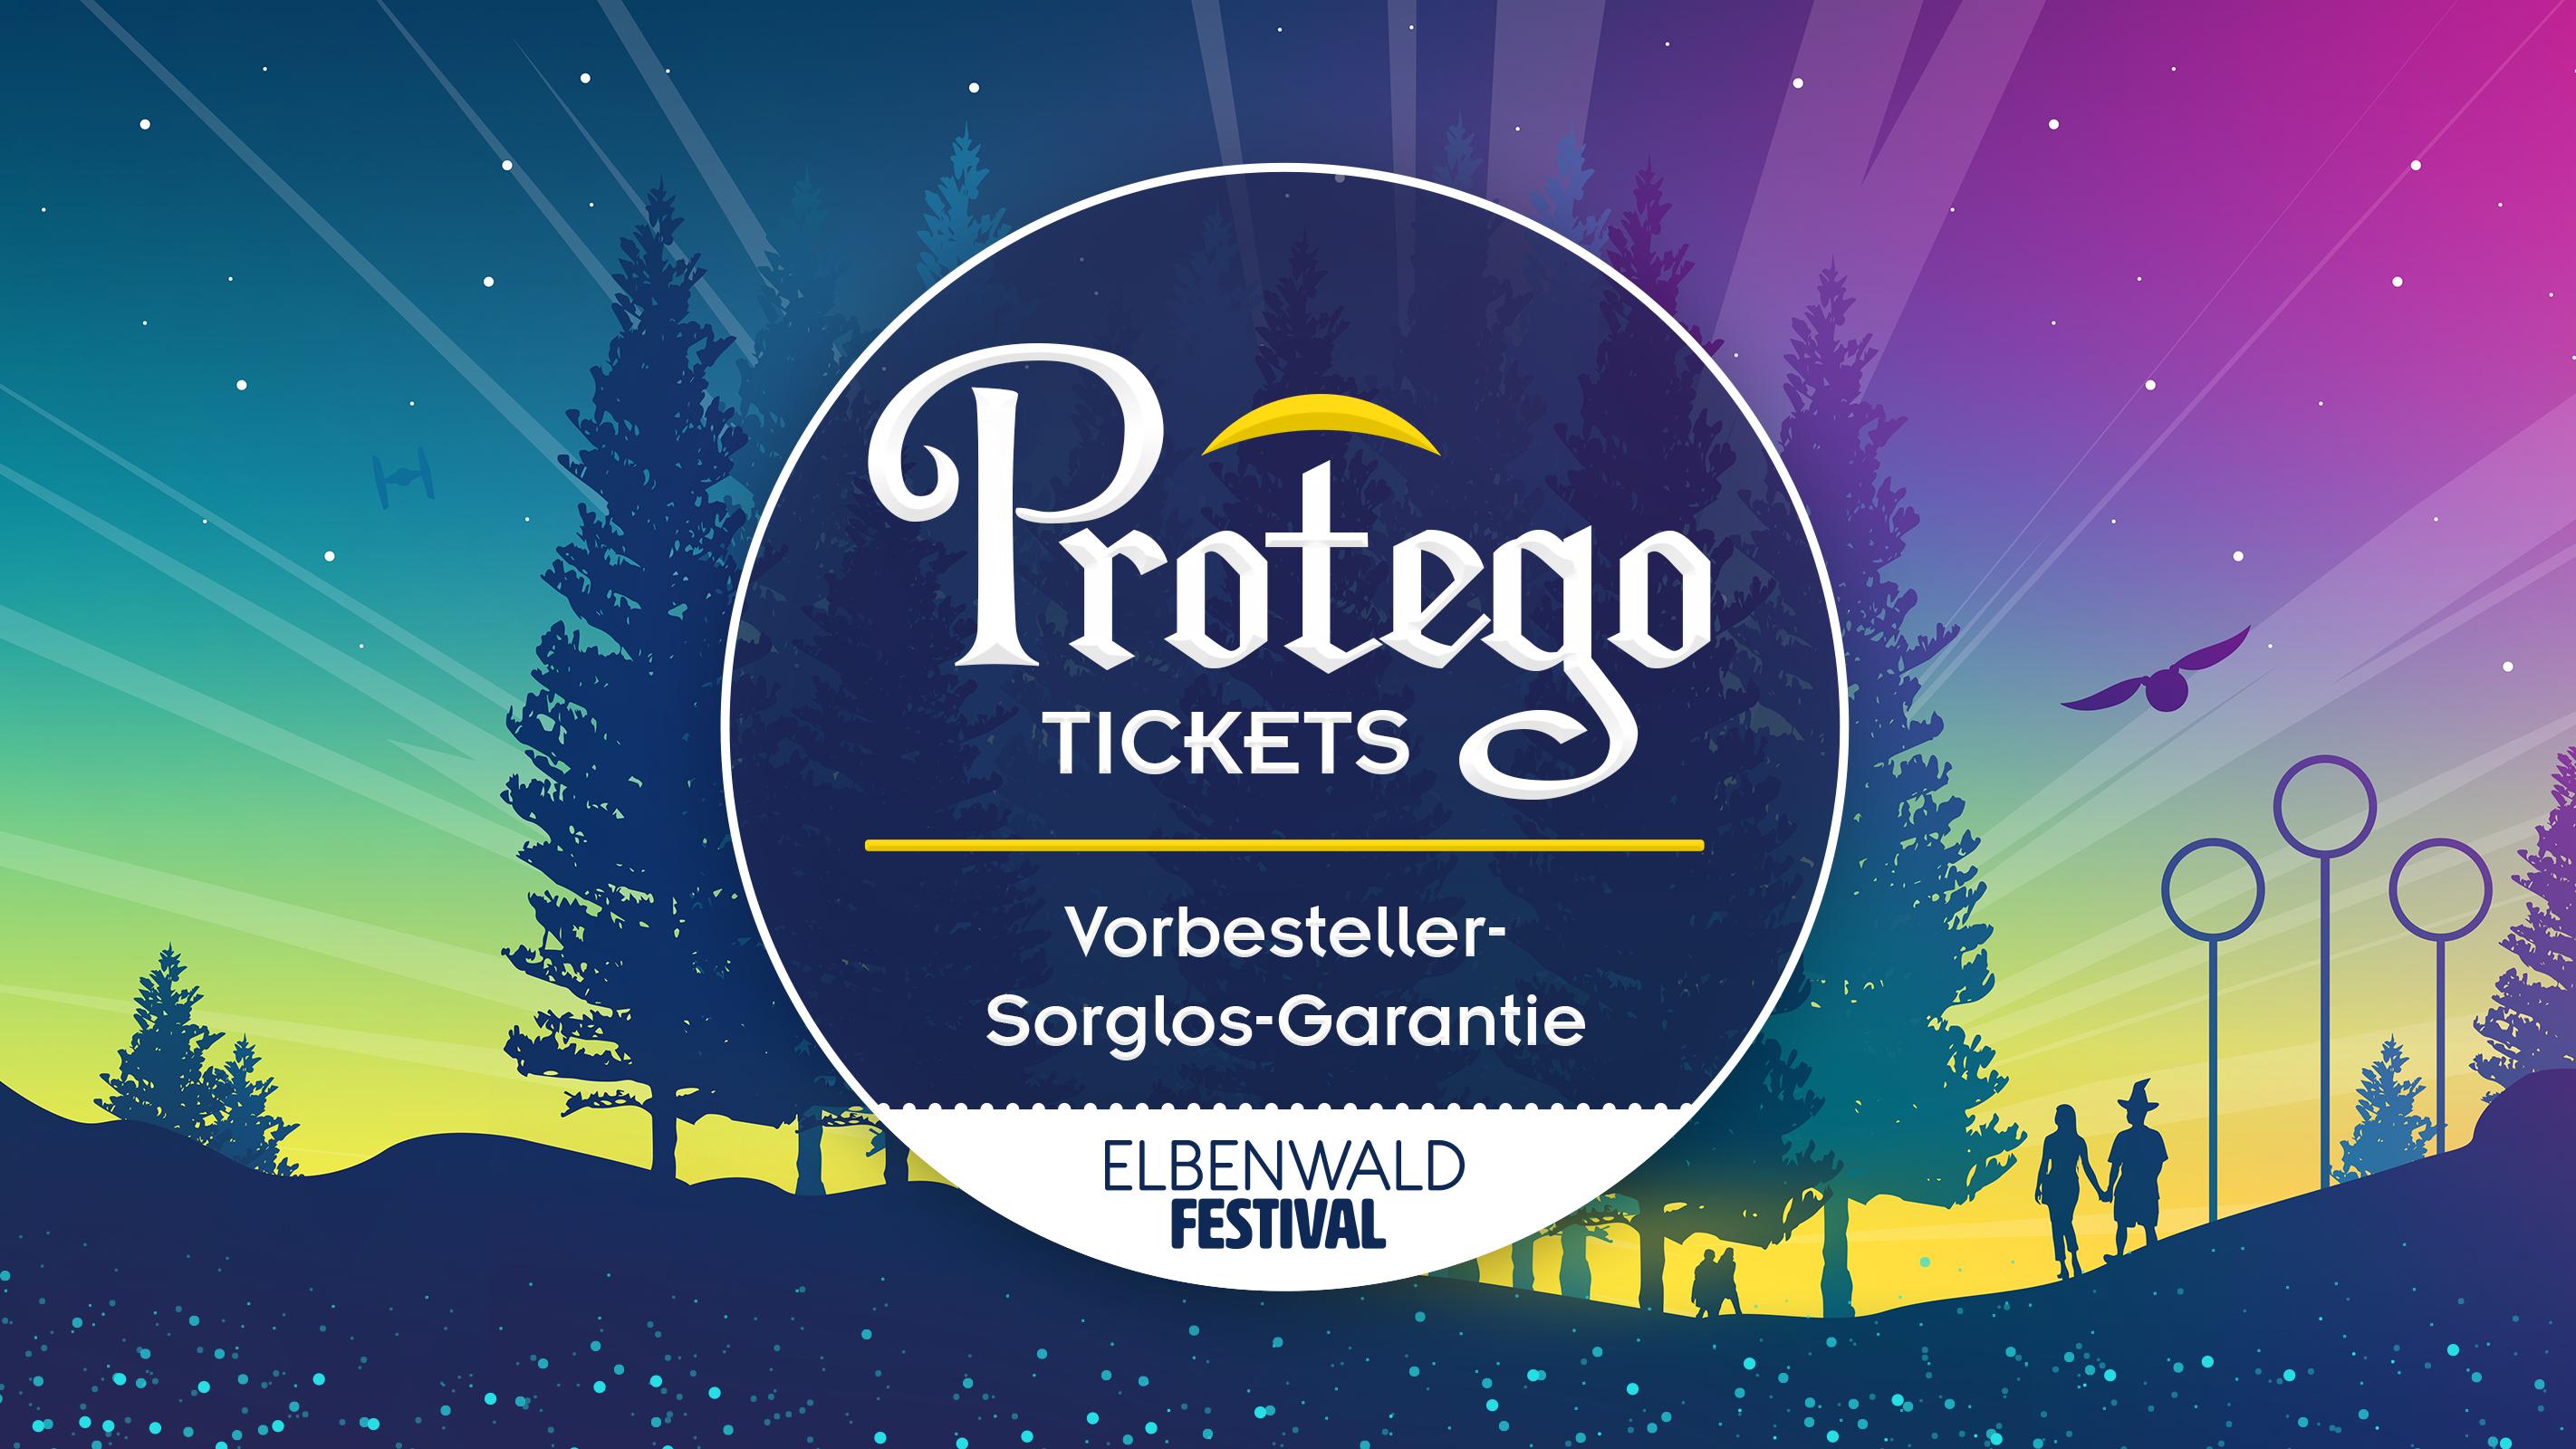 Elbenwald Festival - Protego Tickets